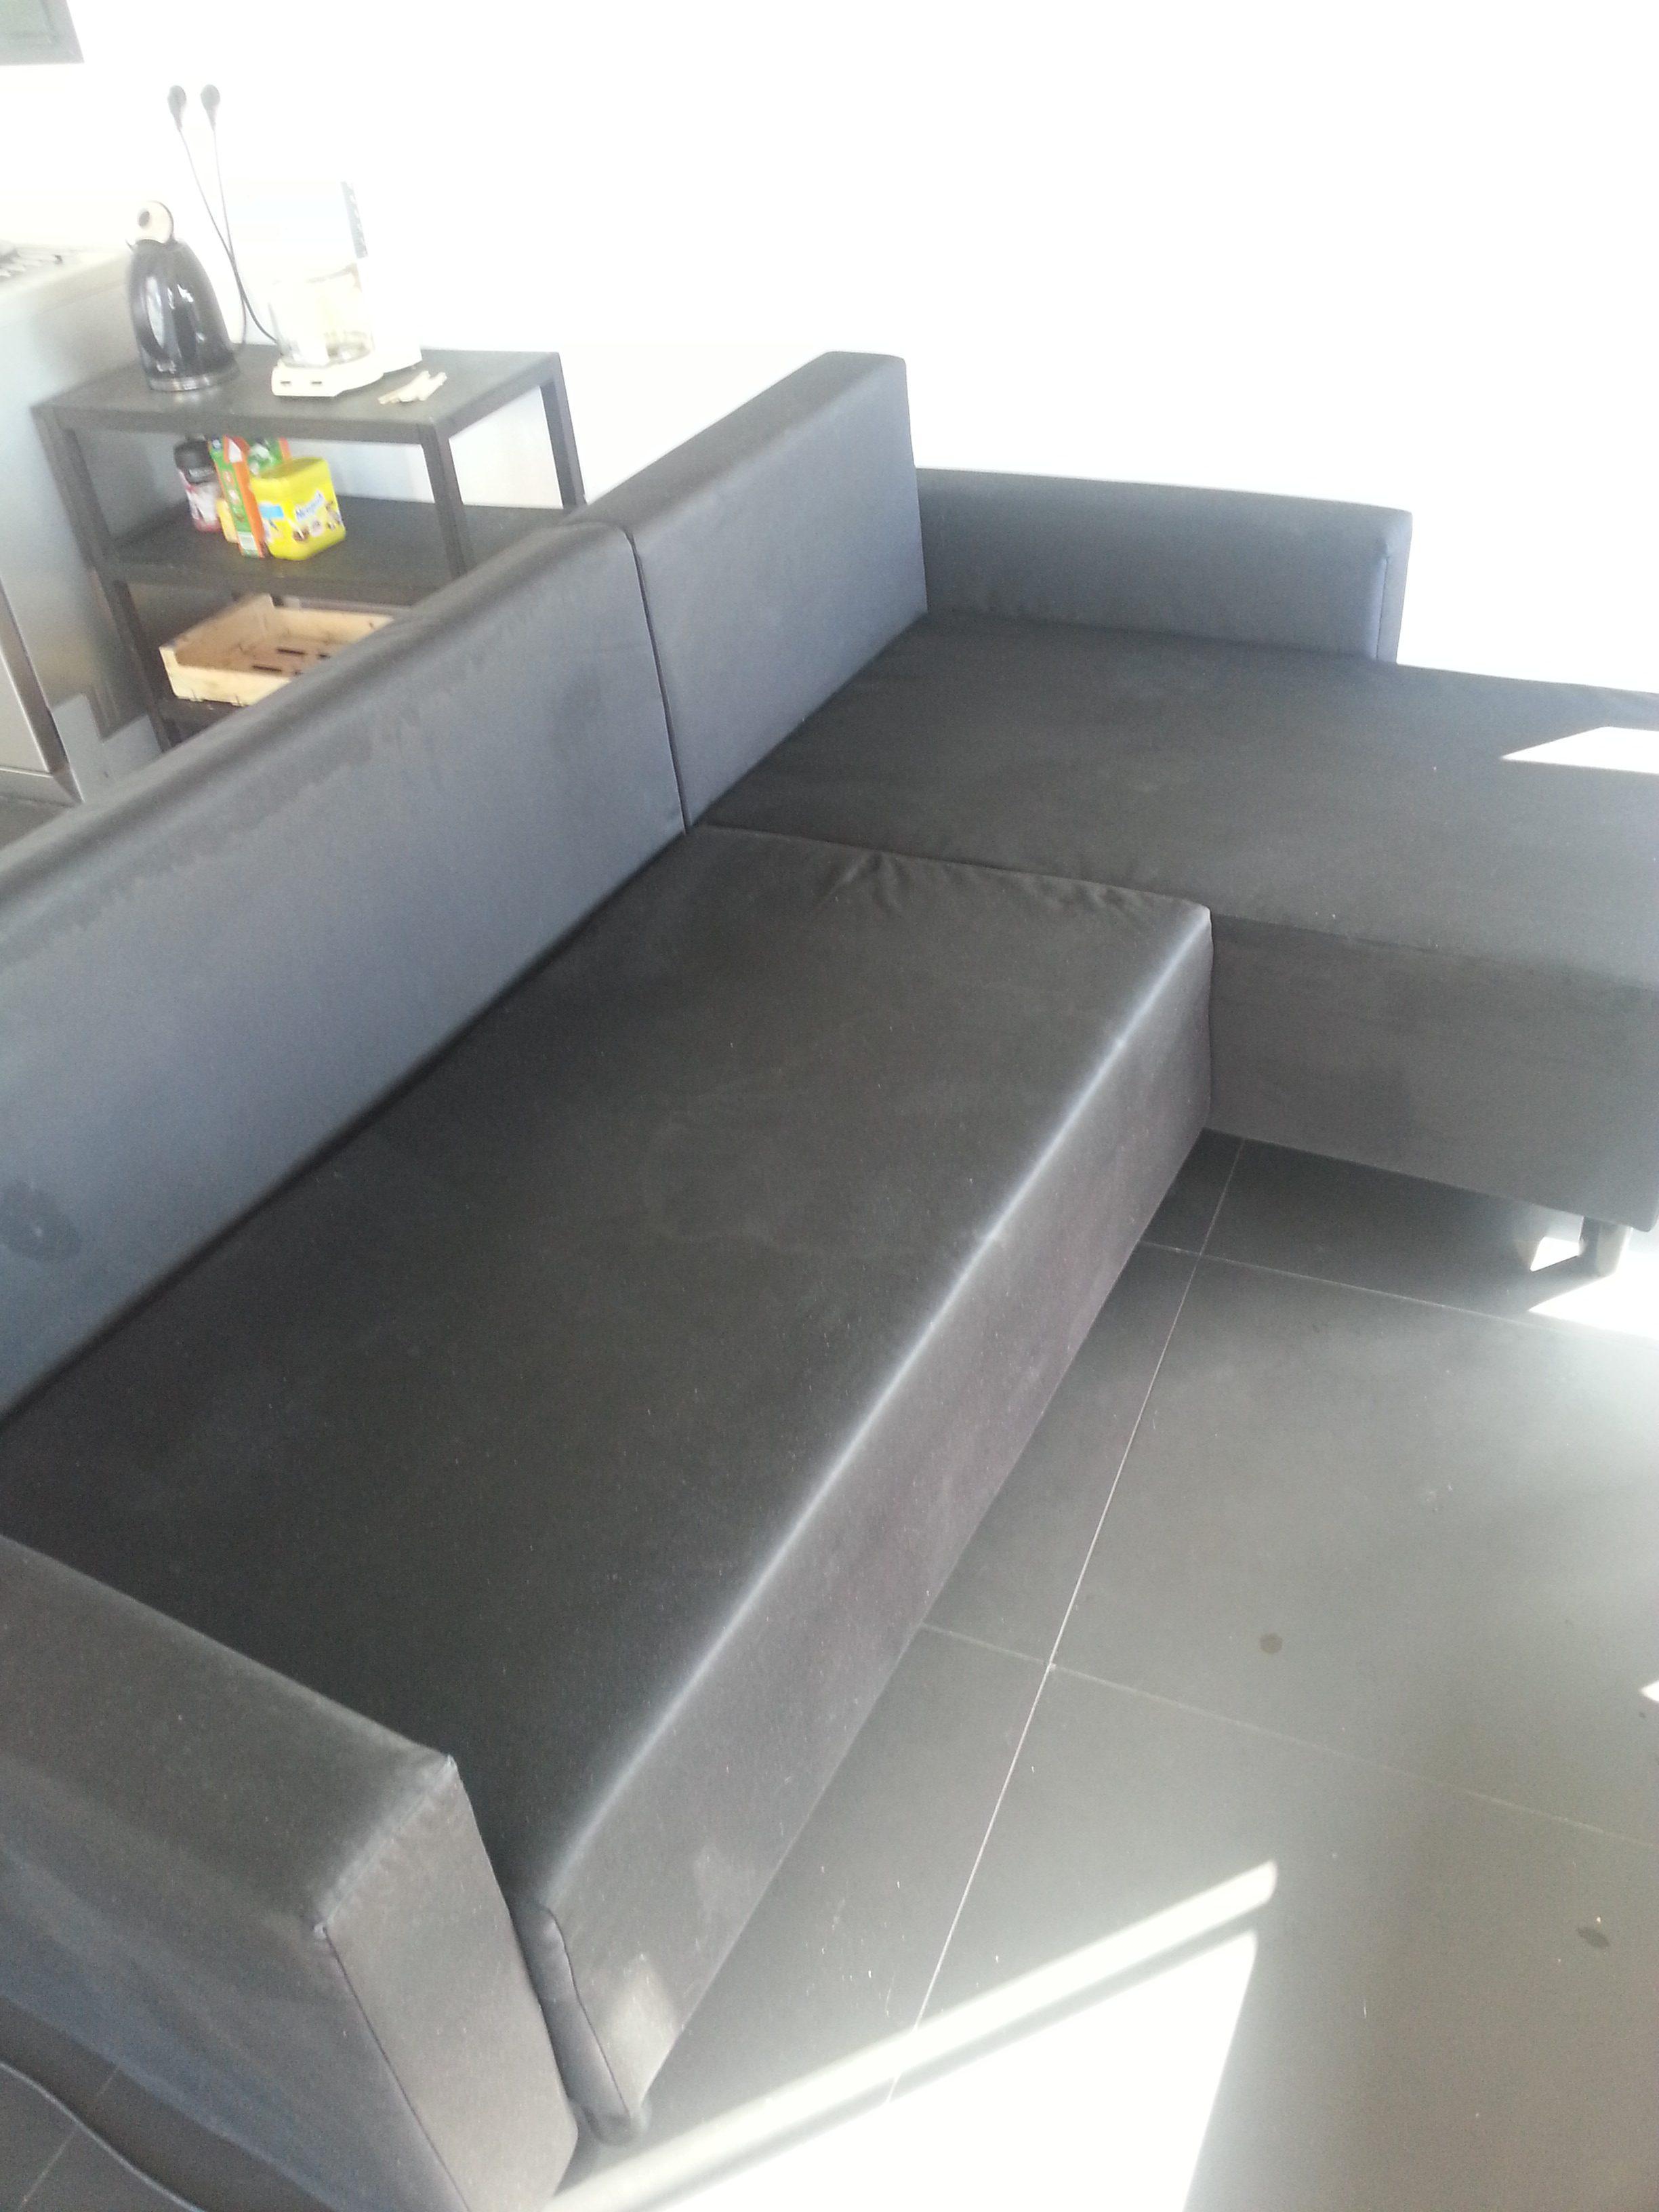 nettoyage canap en tissu apr s le journal d 39 une mam 39 an forme. Black Bedroom Furniture Sets. Home Design Ideas